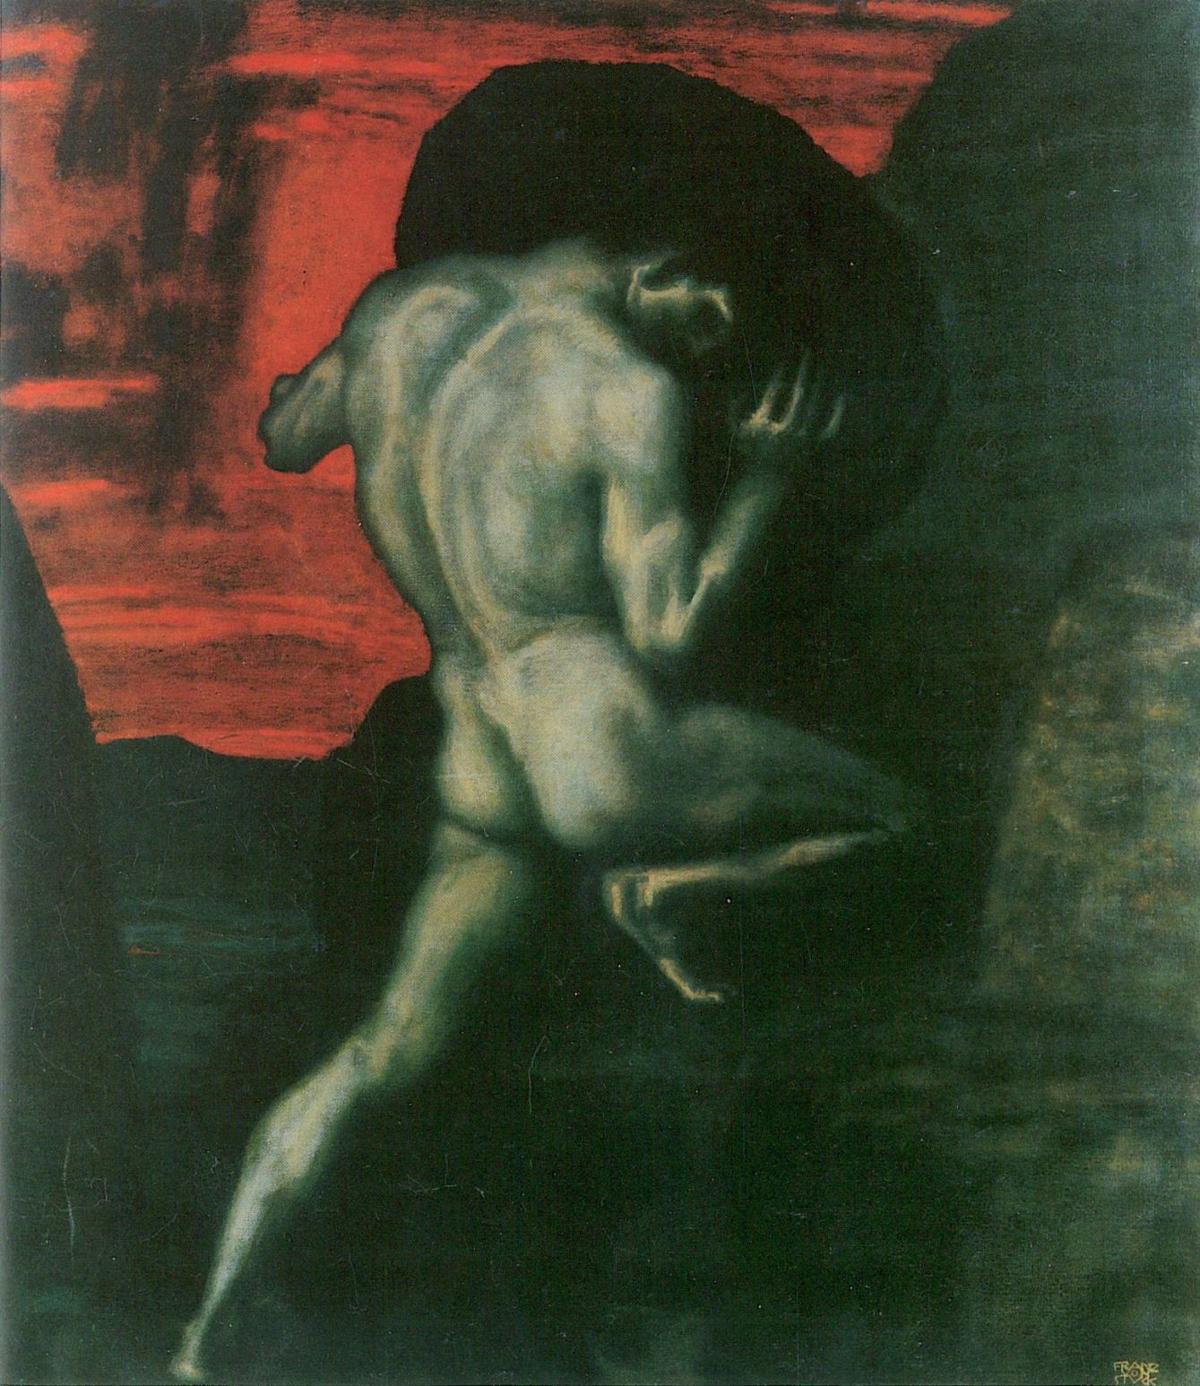 Sisyphus by Franz von Stuck